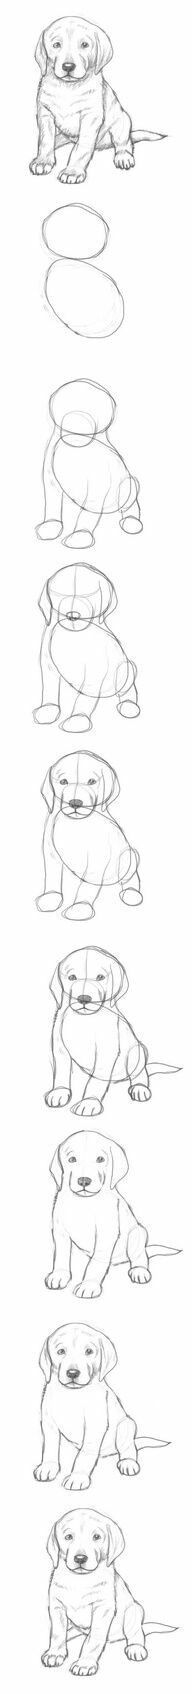 Hayvan resimleri nasıl çizilir - dibujar de dibujo para dibujar arte a lápiz de chicas Drawing Lessons, Drawing Techniques, Drawing Tips, Drawing Sketches, Art Lessons, Painting & Drawing, Sketching, Dog Drawing Simple, Eye Sketch